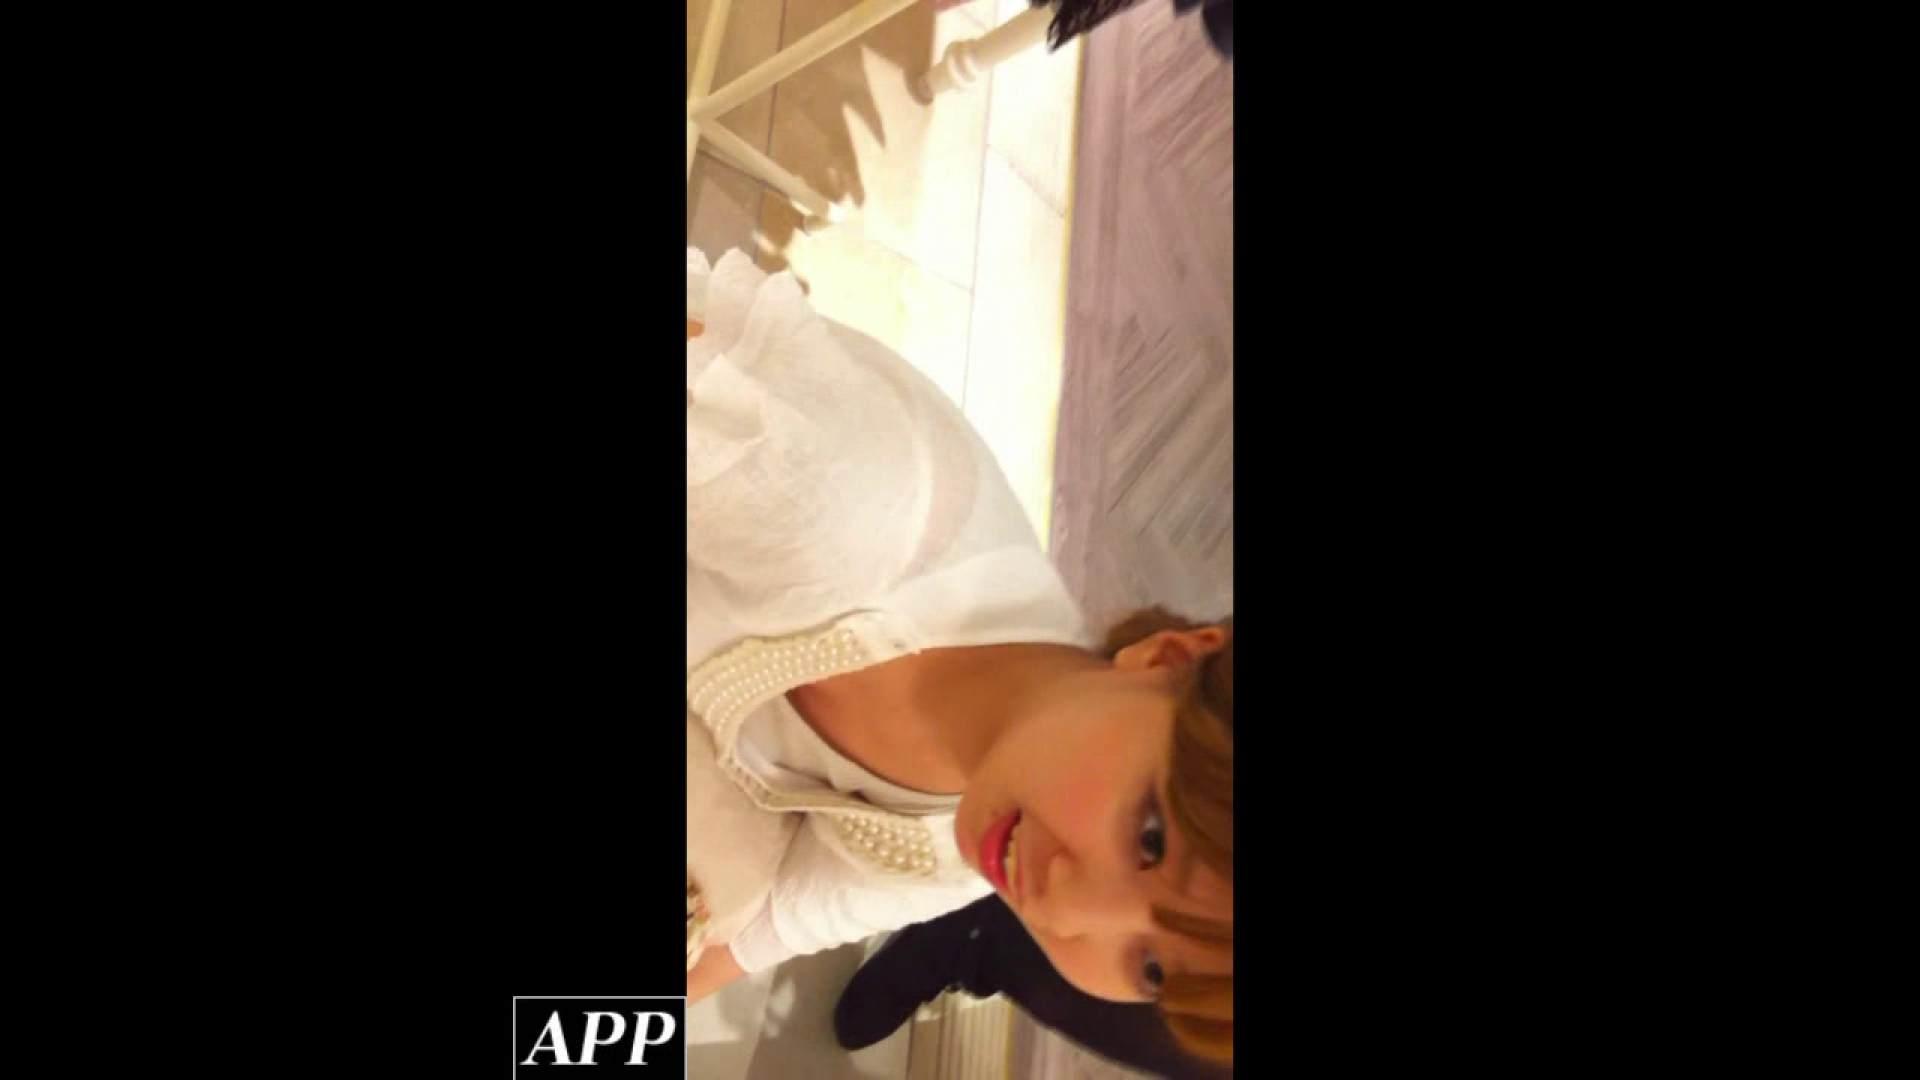 ハイビジョン盗撮!ショップ店員千人斬り!胸チラ編 vol.86 盗撮 性交動画流出 106連発 3